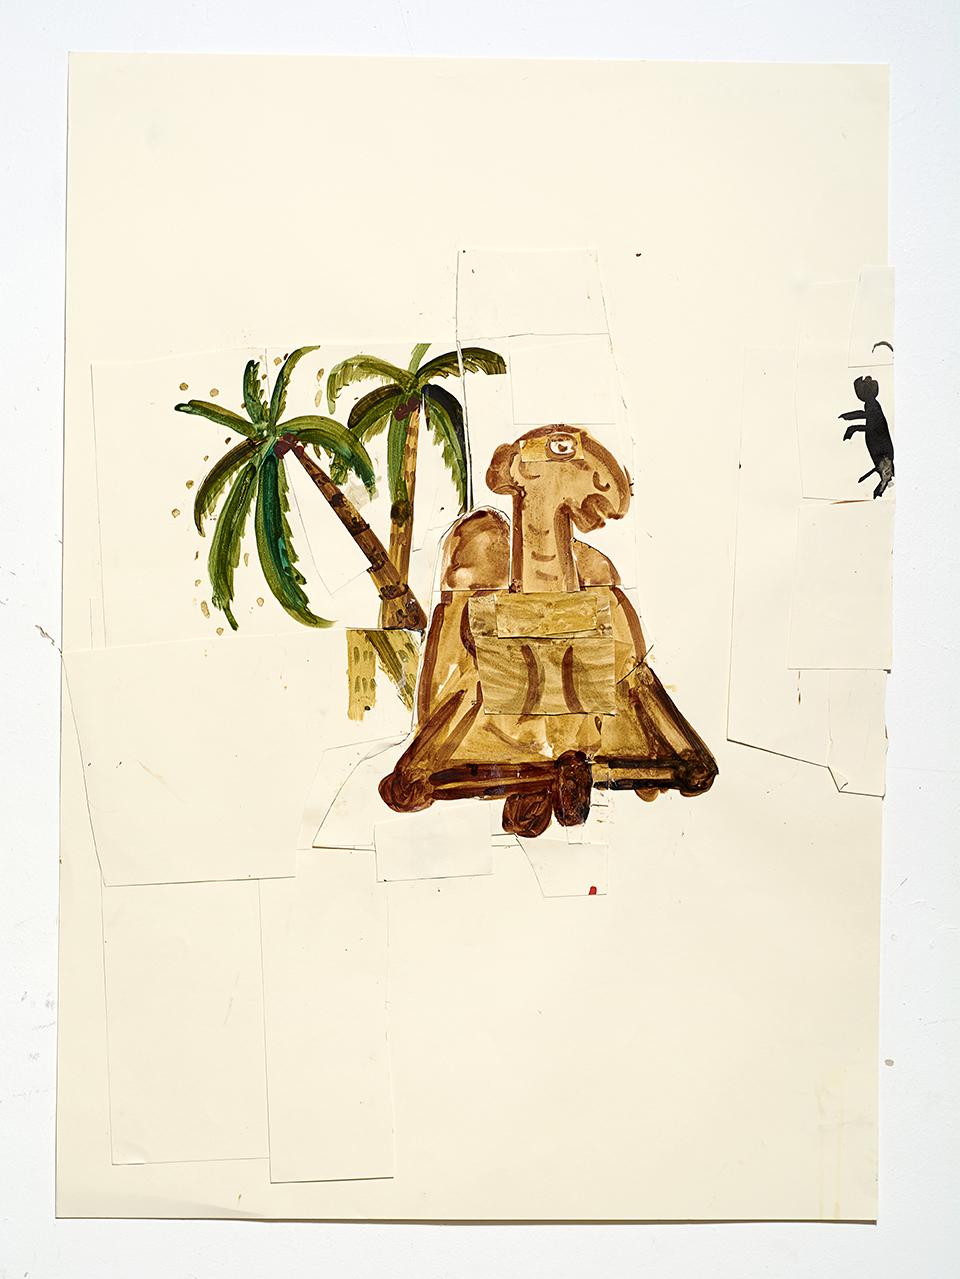 駱駝與小猴子 Camel and Monkey (2012)